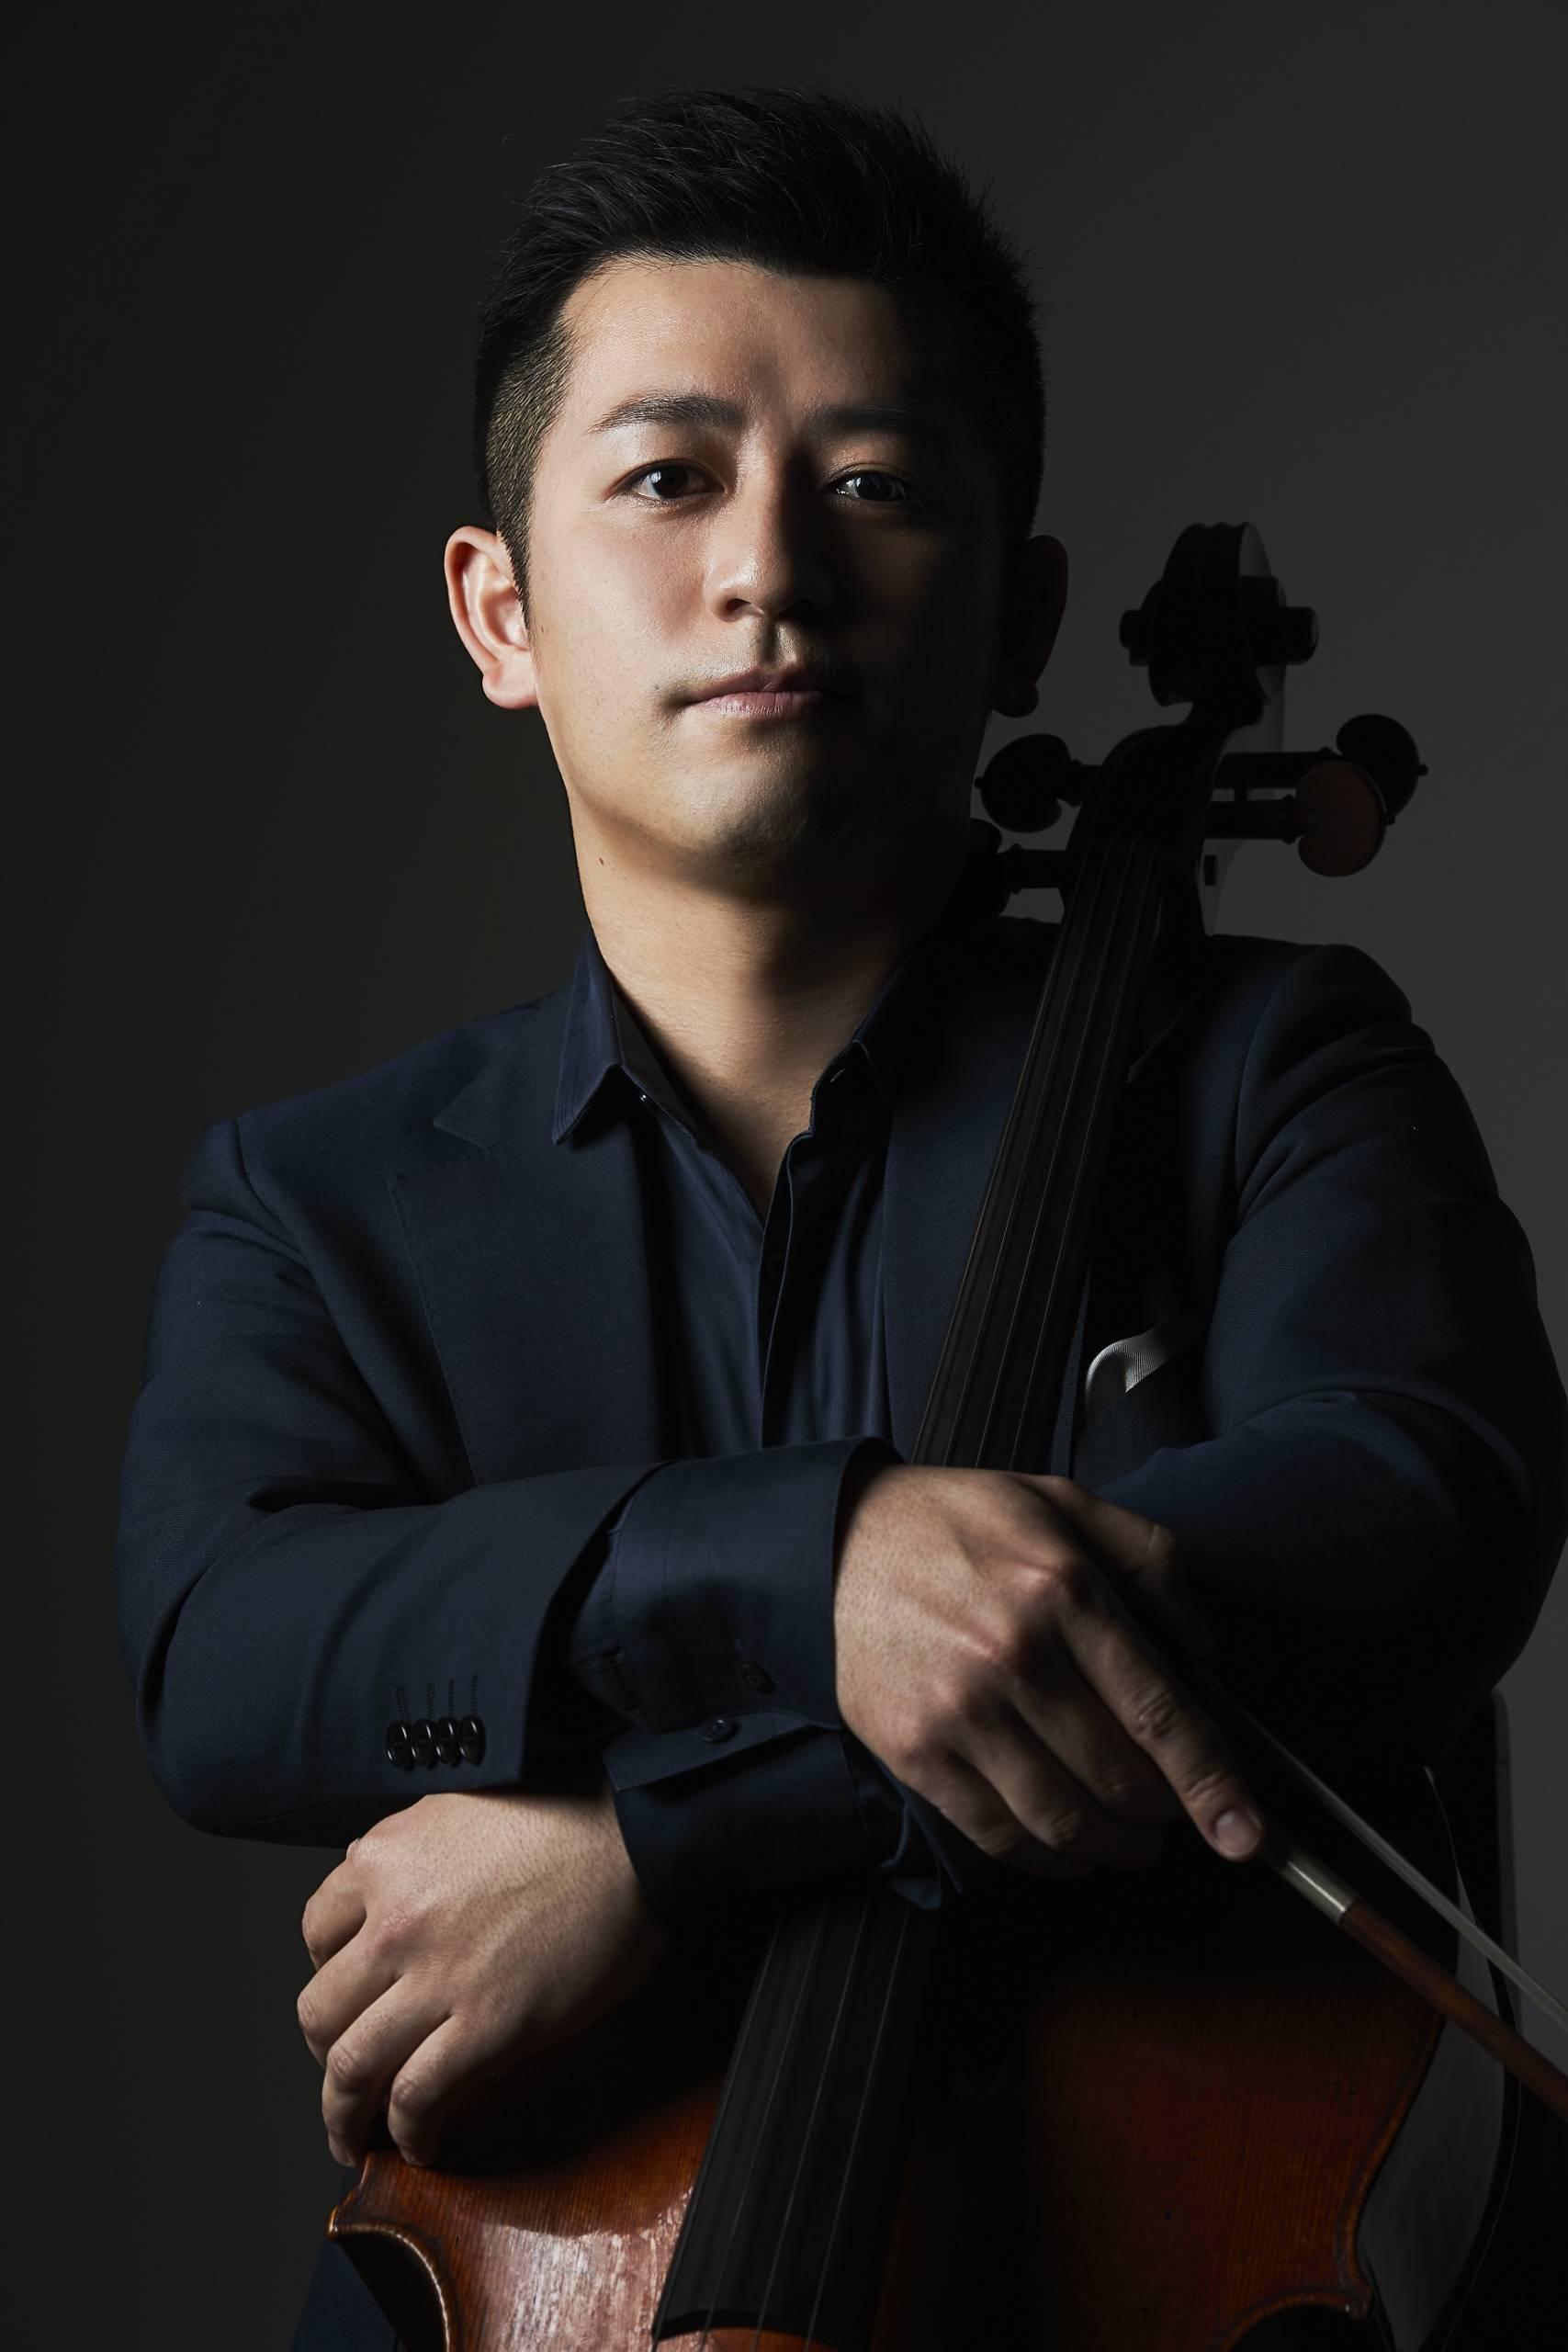 チェリスト・宮田大、全国ツアーが決定